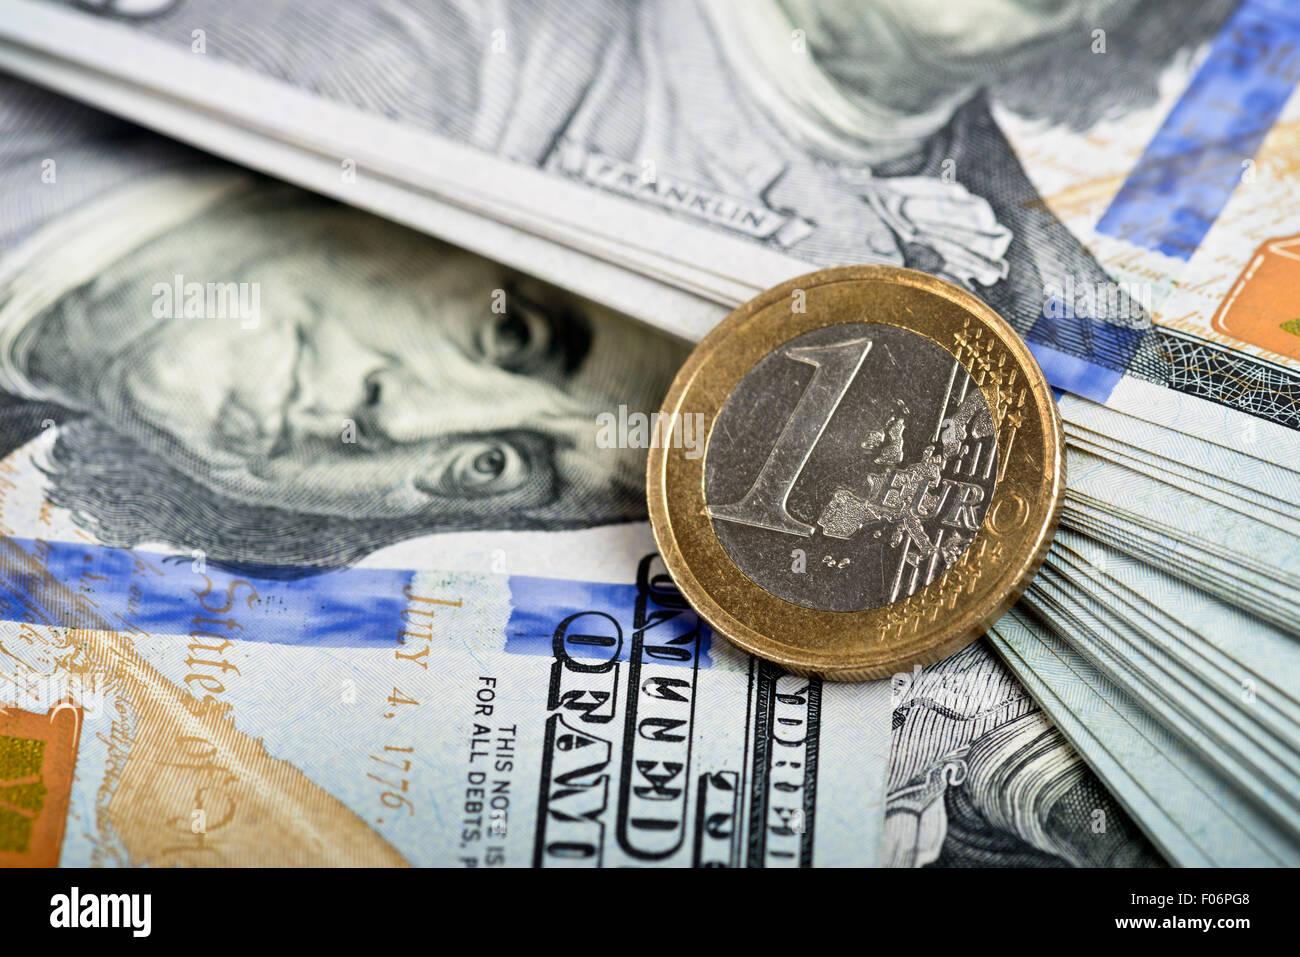 Detalle de una moneda de euro, dólar más notas en segundo plano. Imagen De Stock